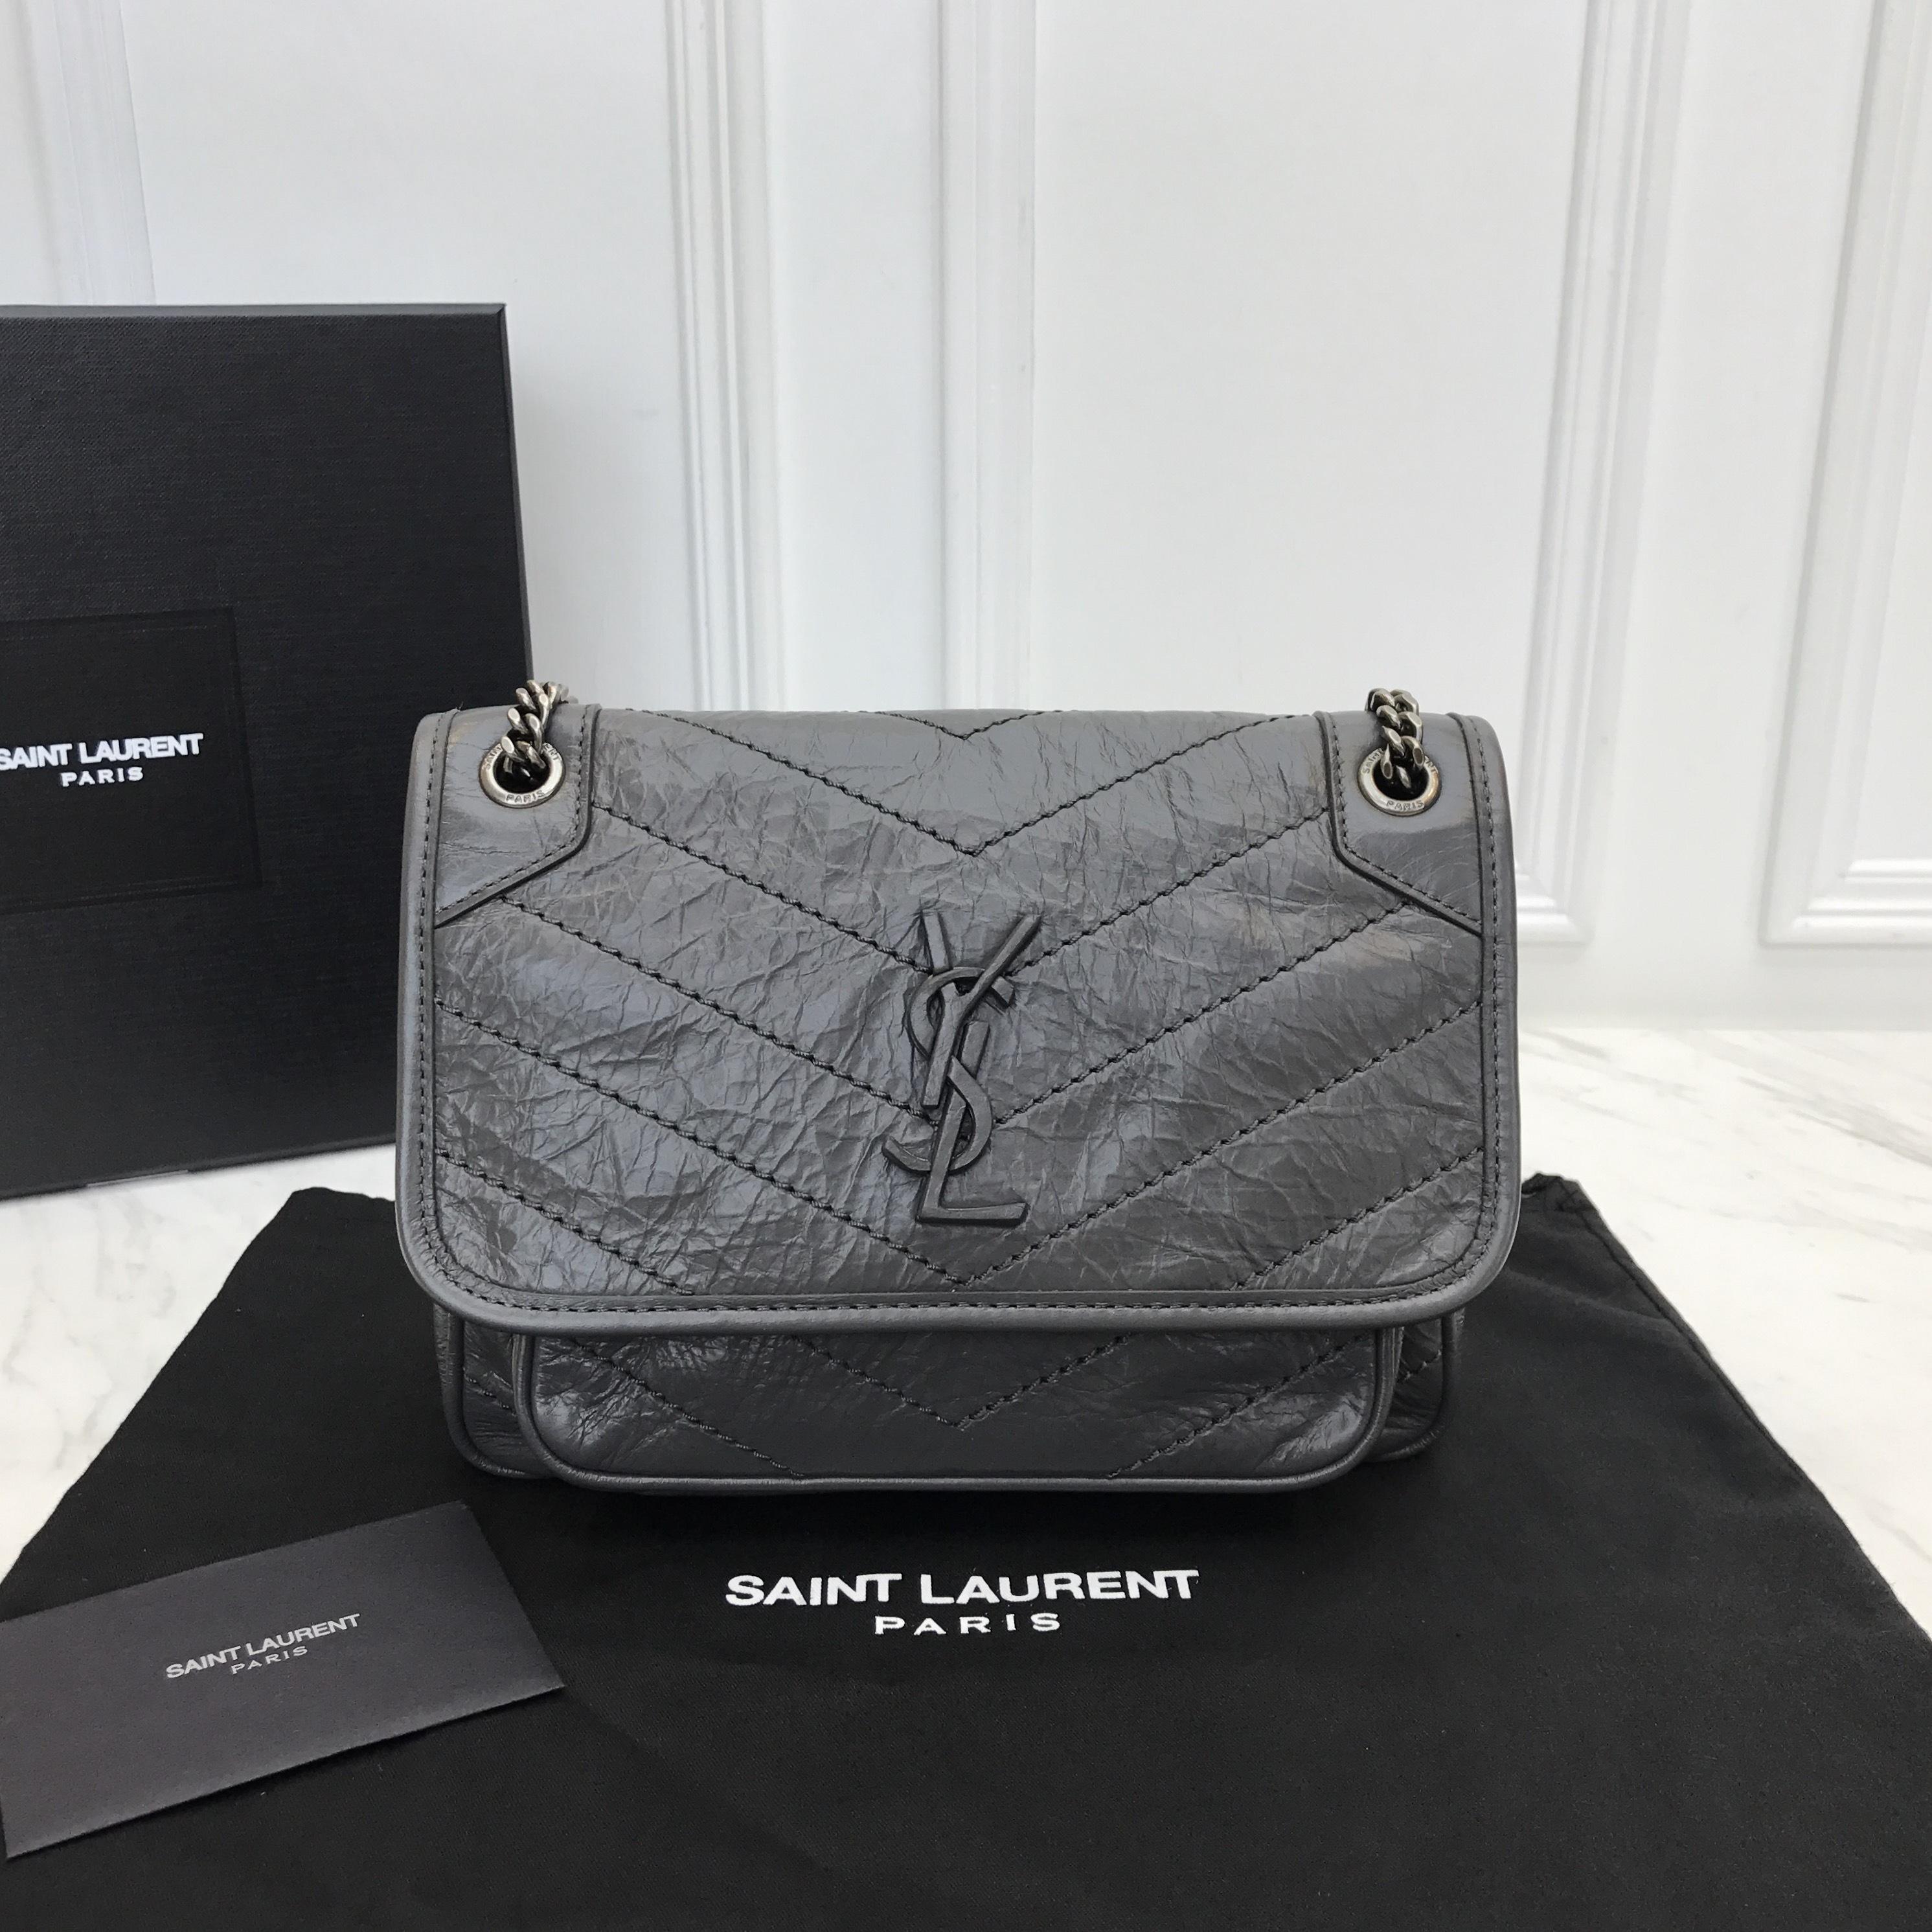 Syl Niki Bags Y Yves Saint Laurent Ysl Bags St Laurent